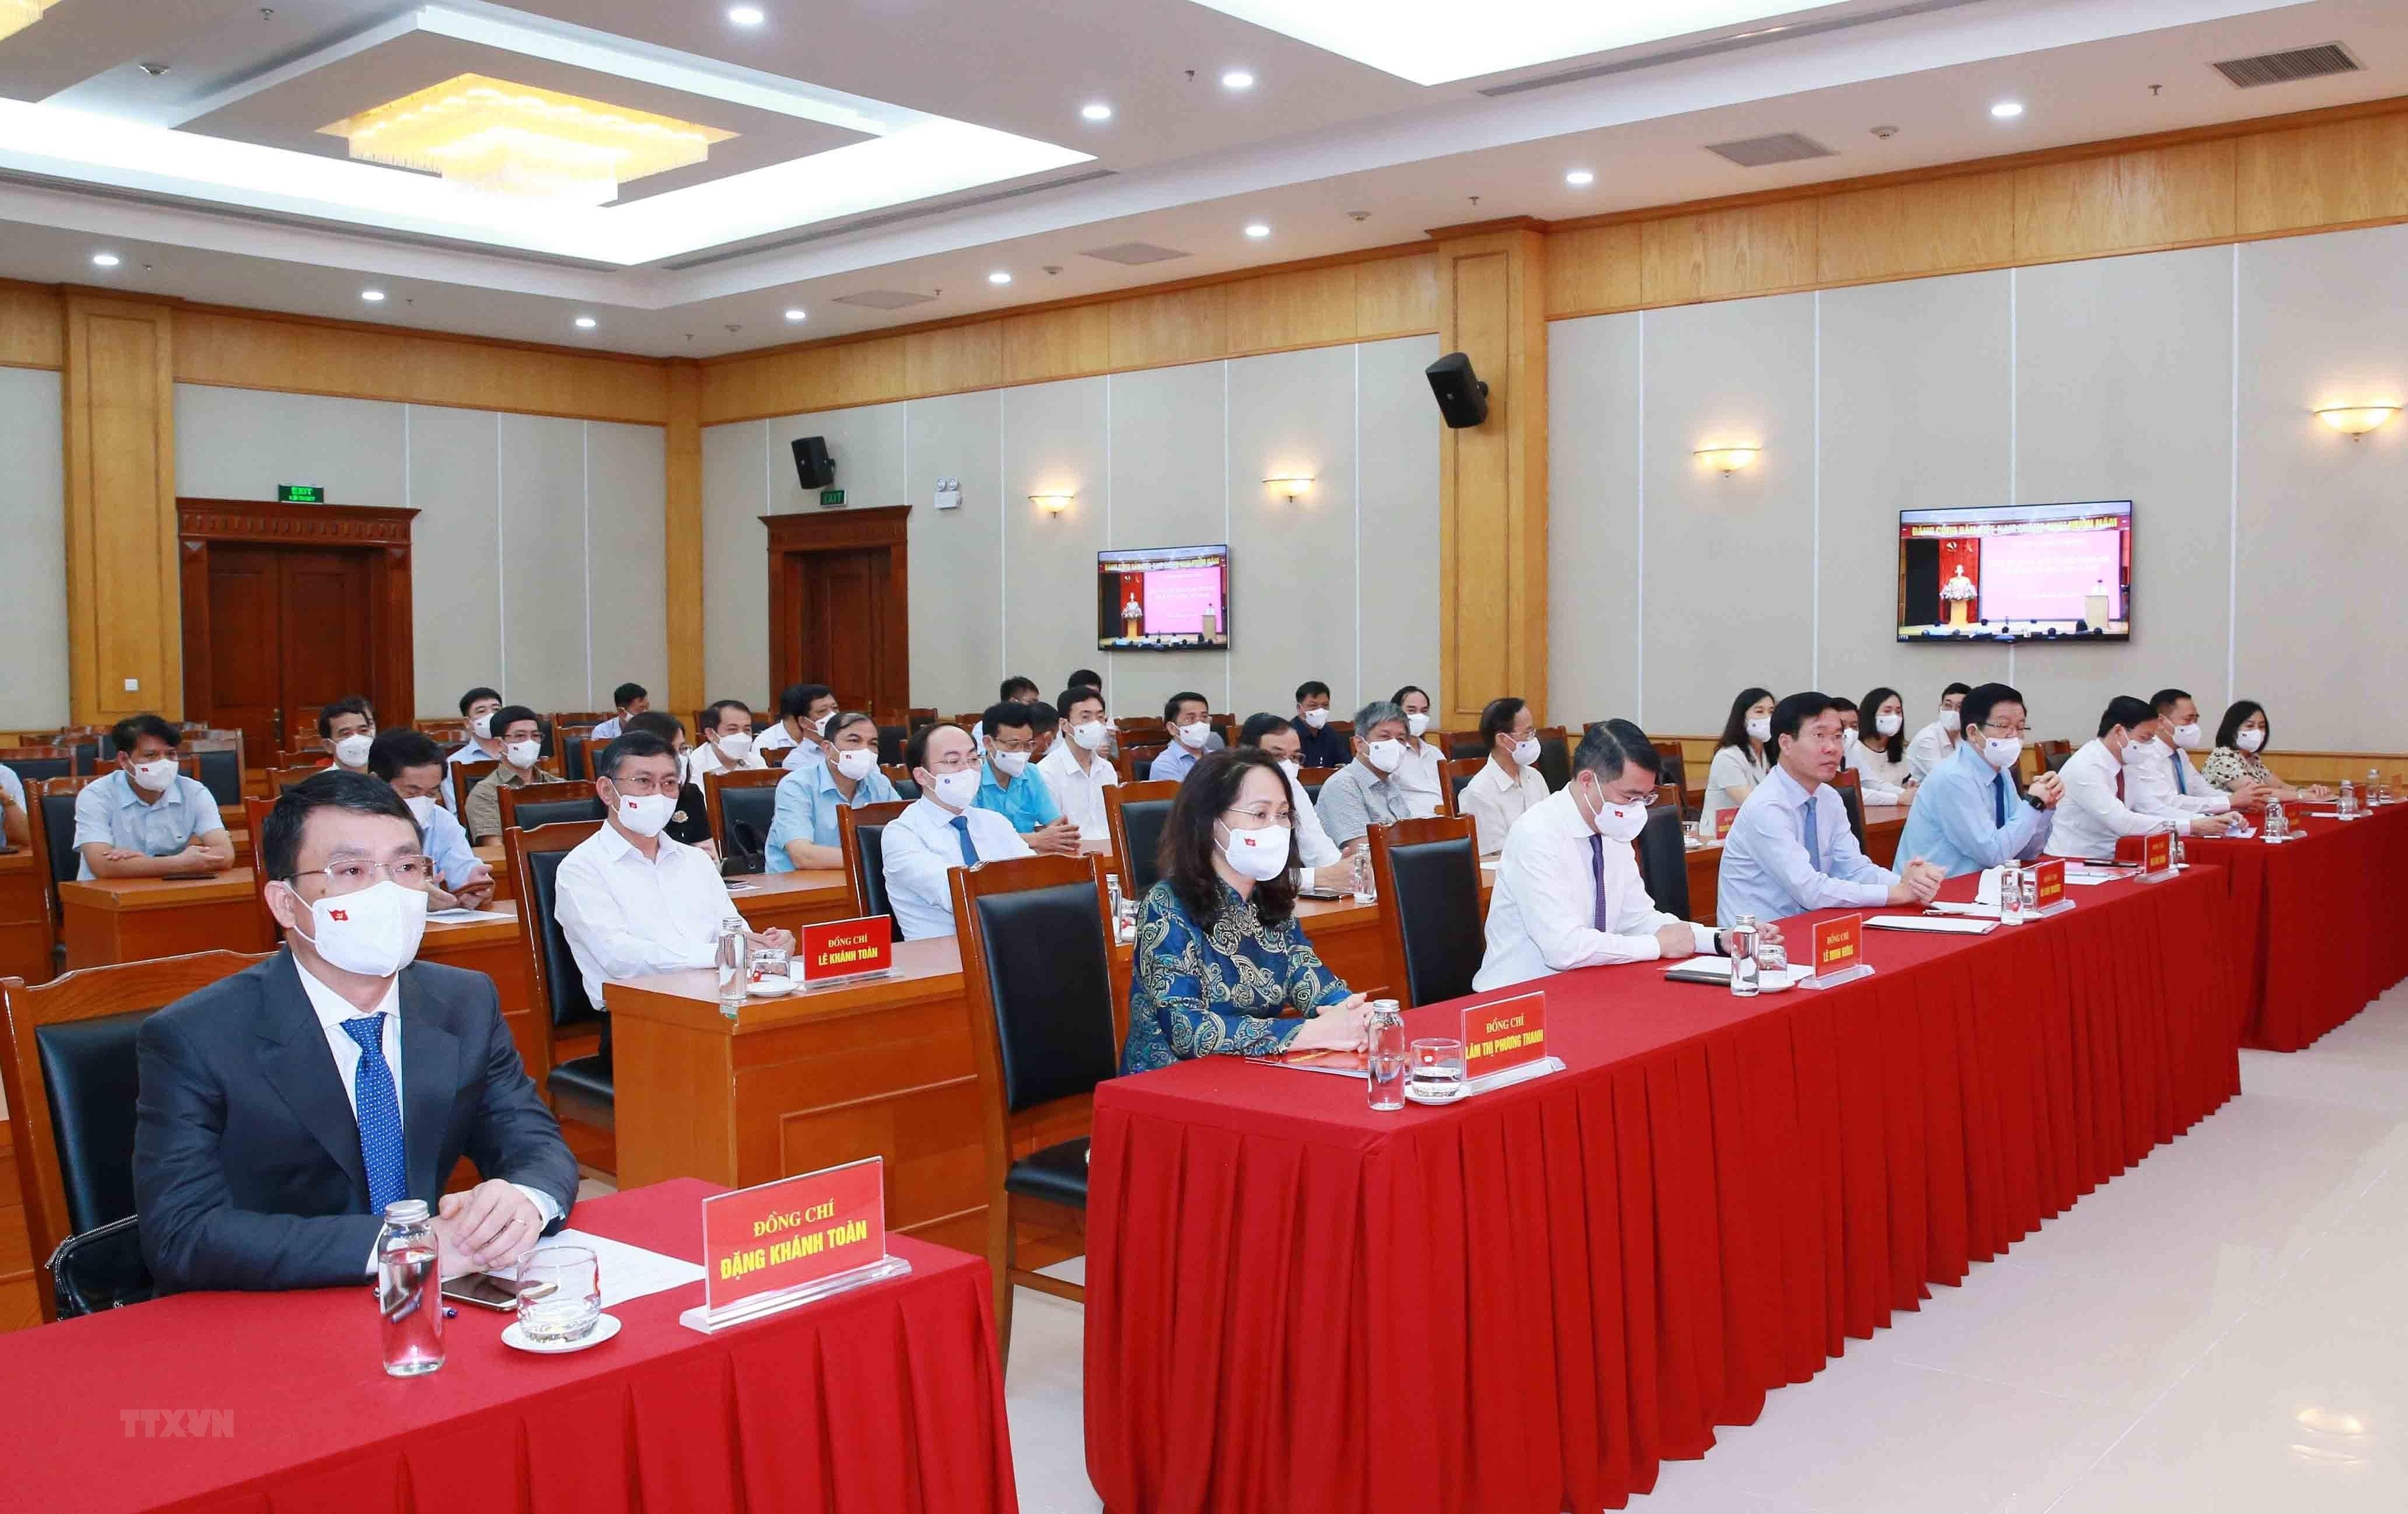 [Photo] Trao quyet dinh bo nhiem Pho Chanh Van phong Trung uong Dang hinh anh 6